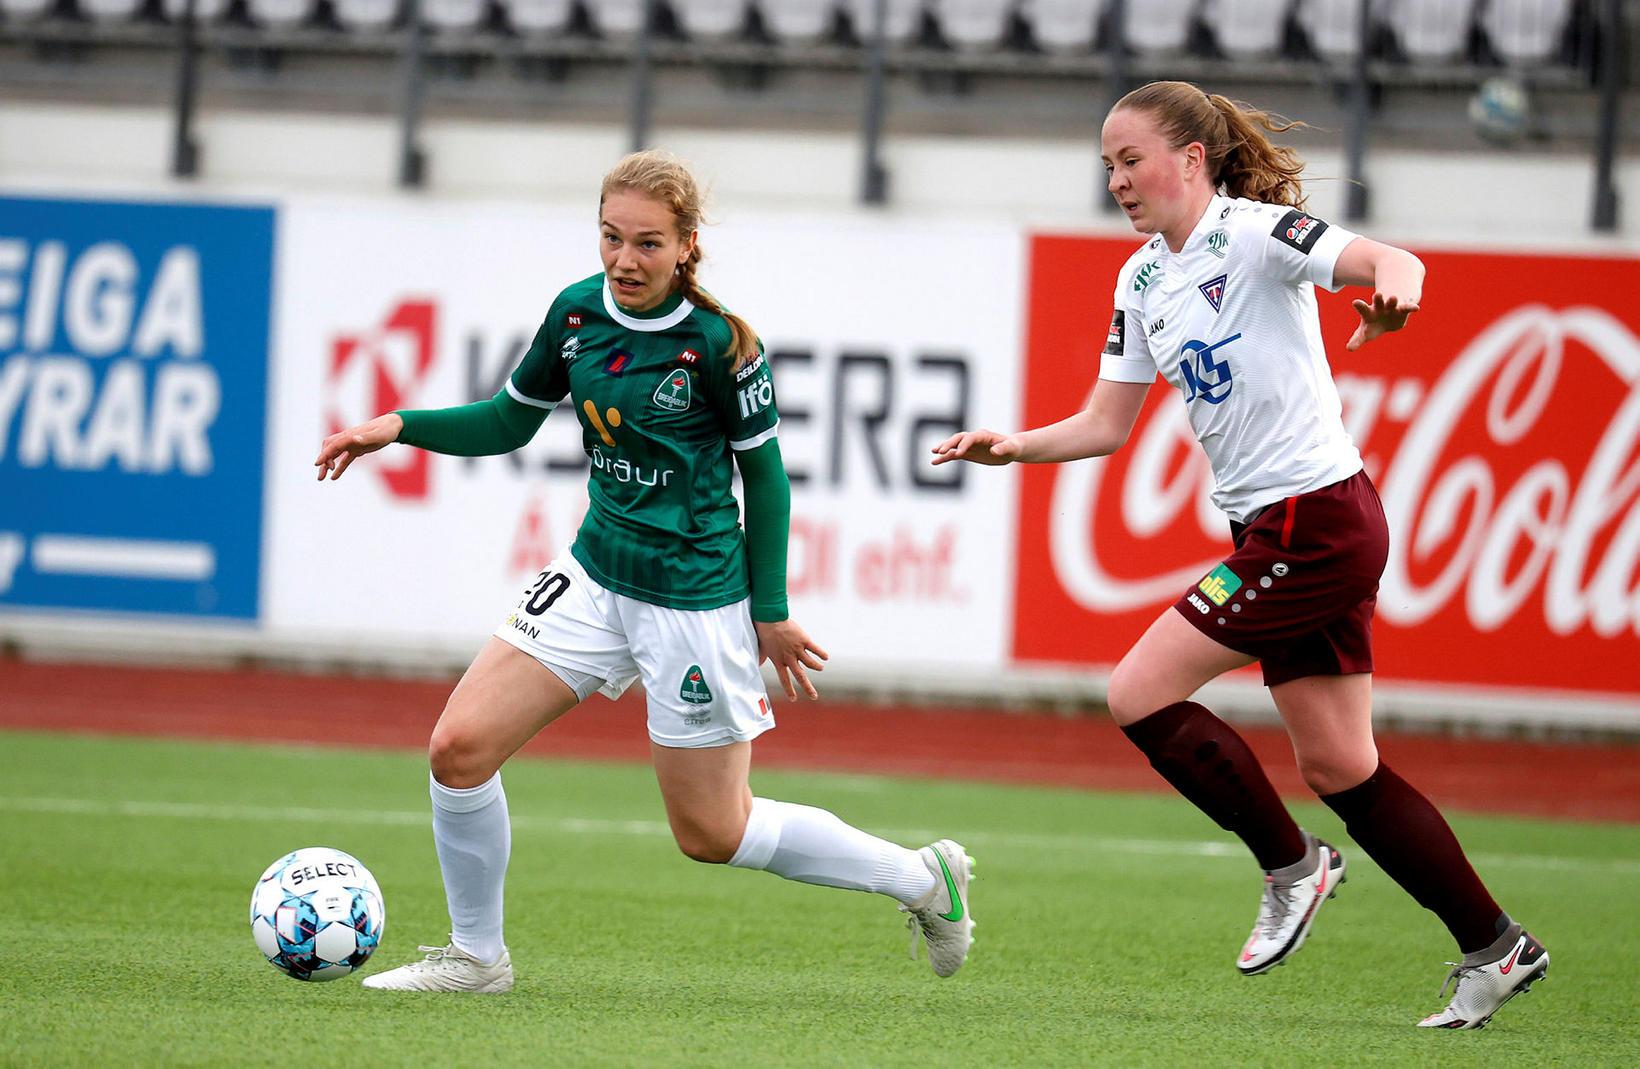 Áslaug Munda Gunnlaugsdóttir skoraði tvö mörk í kvöld.